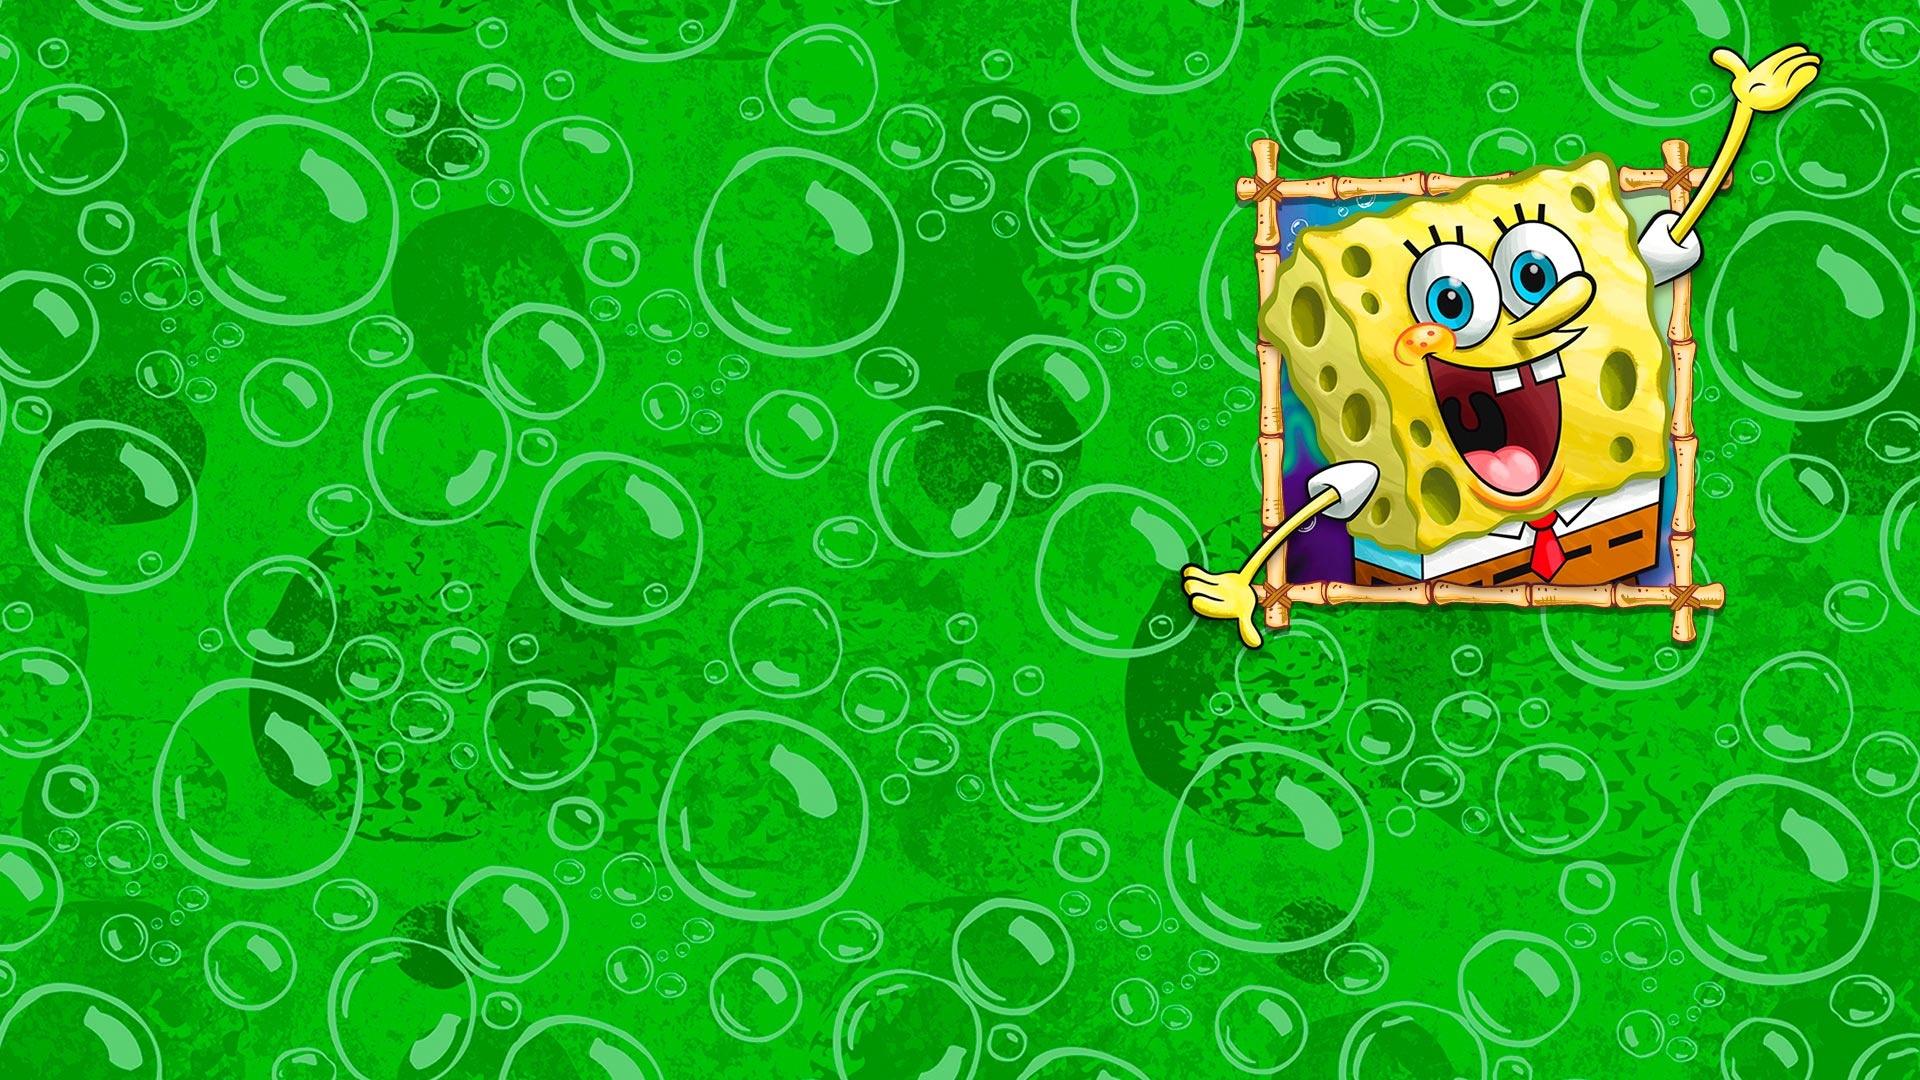 Sponge desktop wallpaper